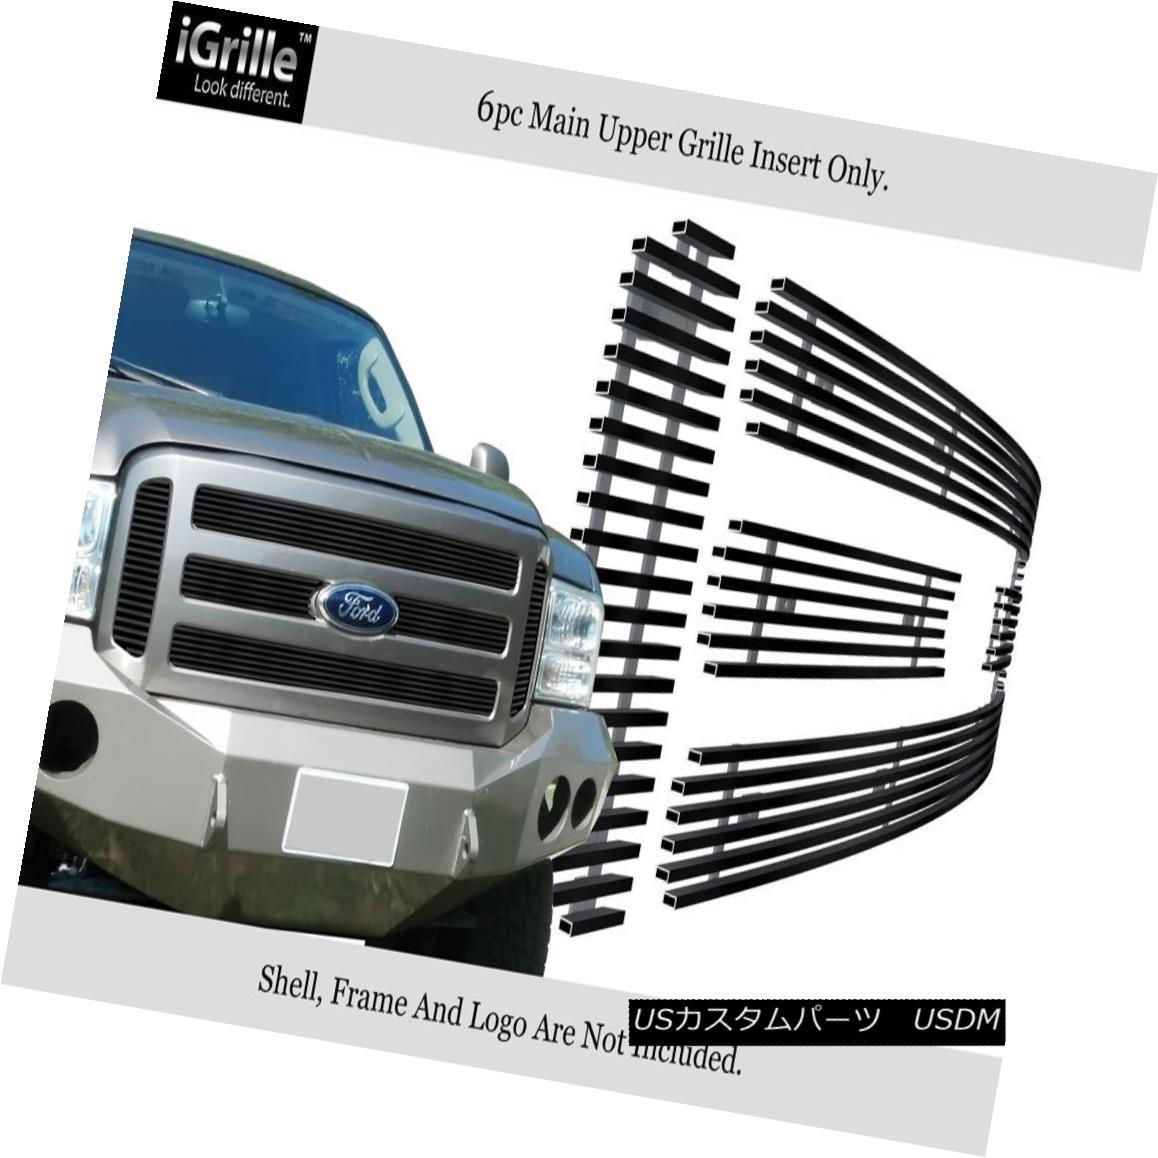 グリル For 05-07 Ford F250/F350/Excursion Black Stainless Steel Billet Grille 05-07 Ford F250 / F350 / Excu rsion Black Stainless Steel Billet Grille